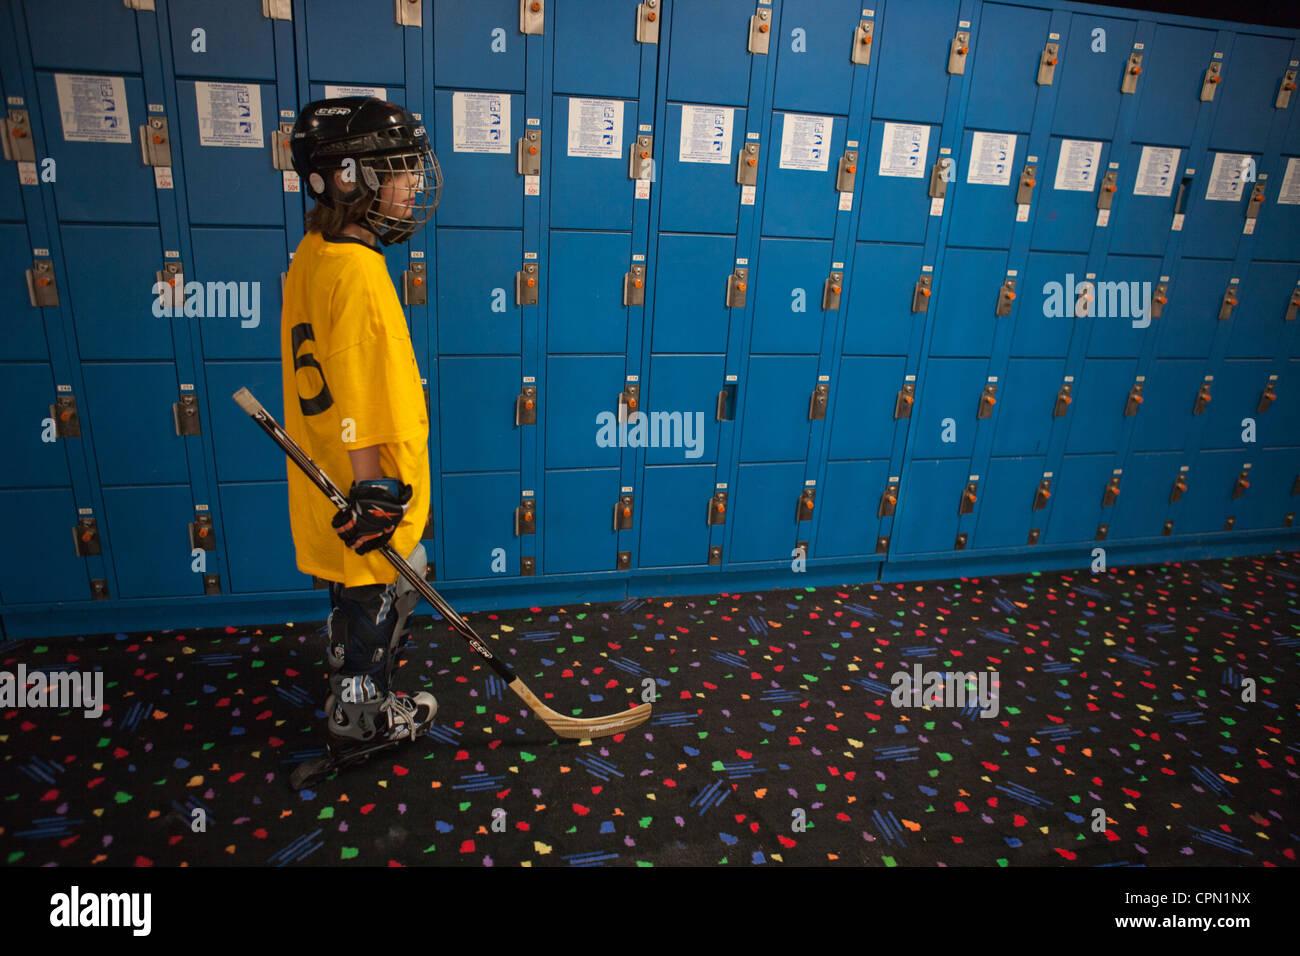 Bambino di nove anni vestito per il rullo hockey in piedi di fronte a un muro di armadietti di blu. Immagini Stock